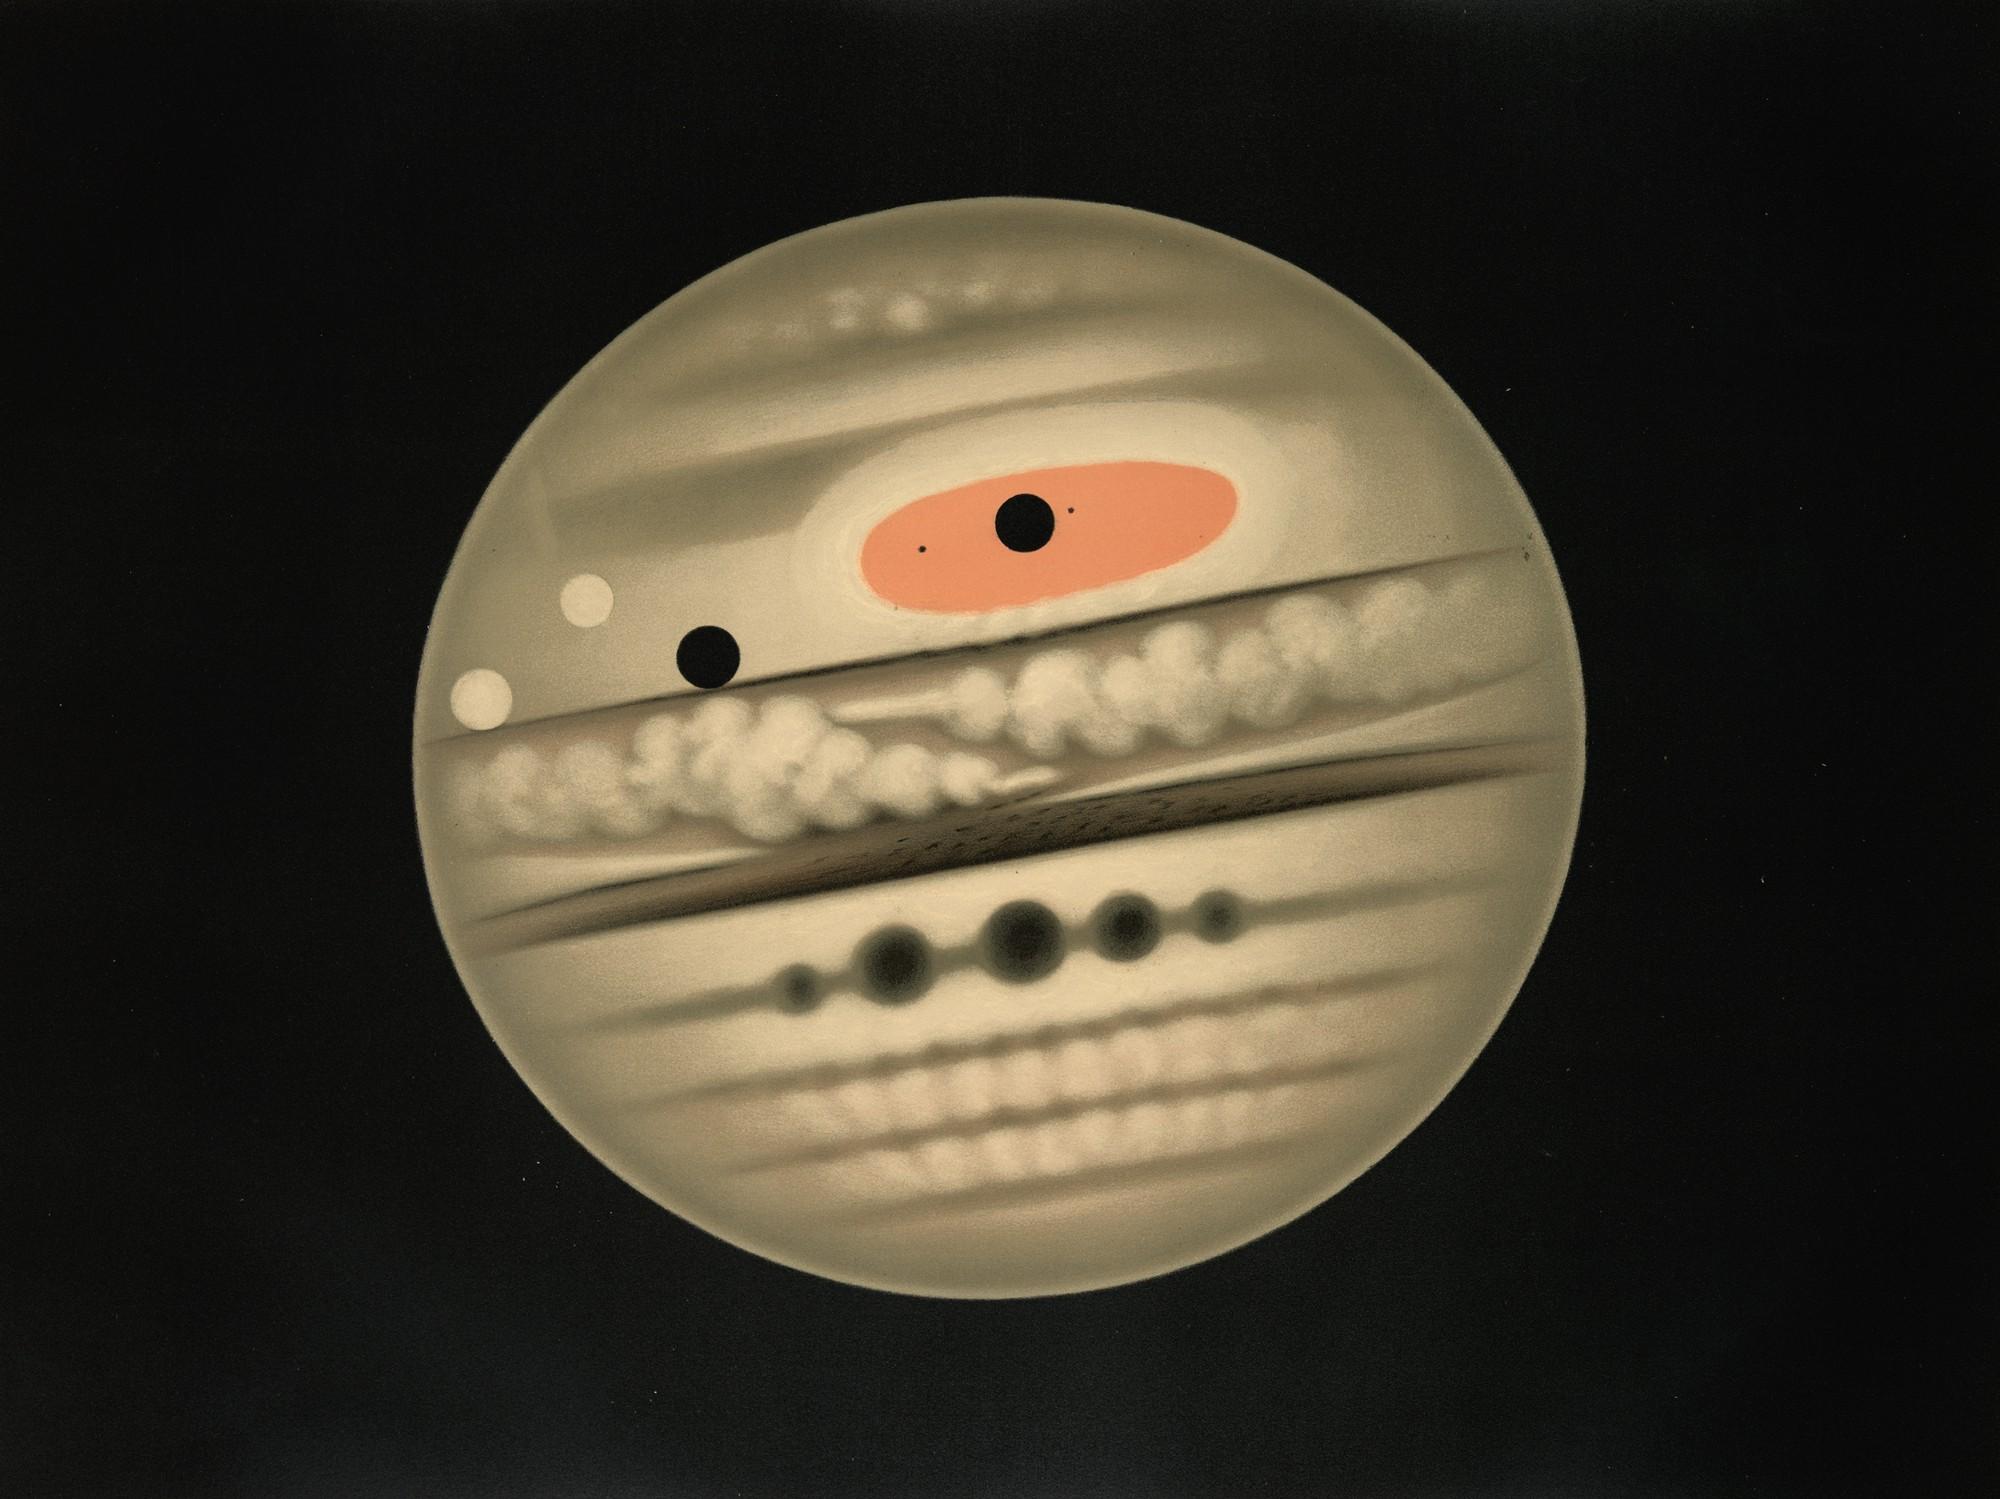 Jupiter by E.Trouvelot, 1880